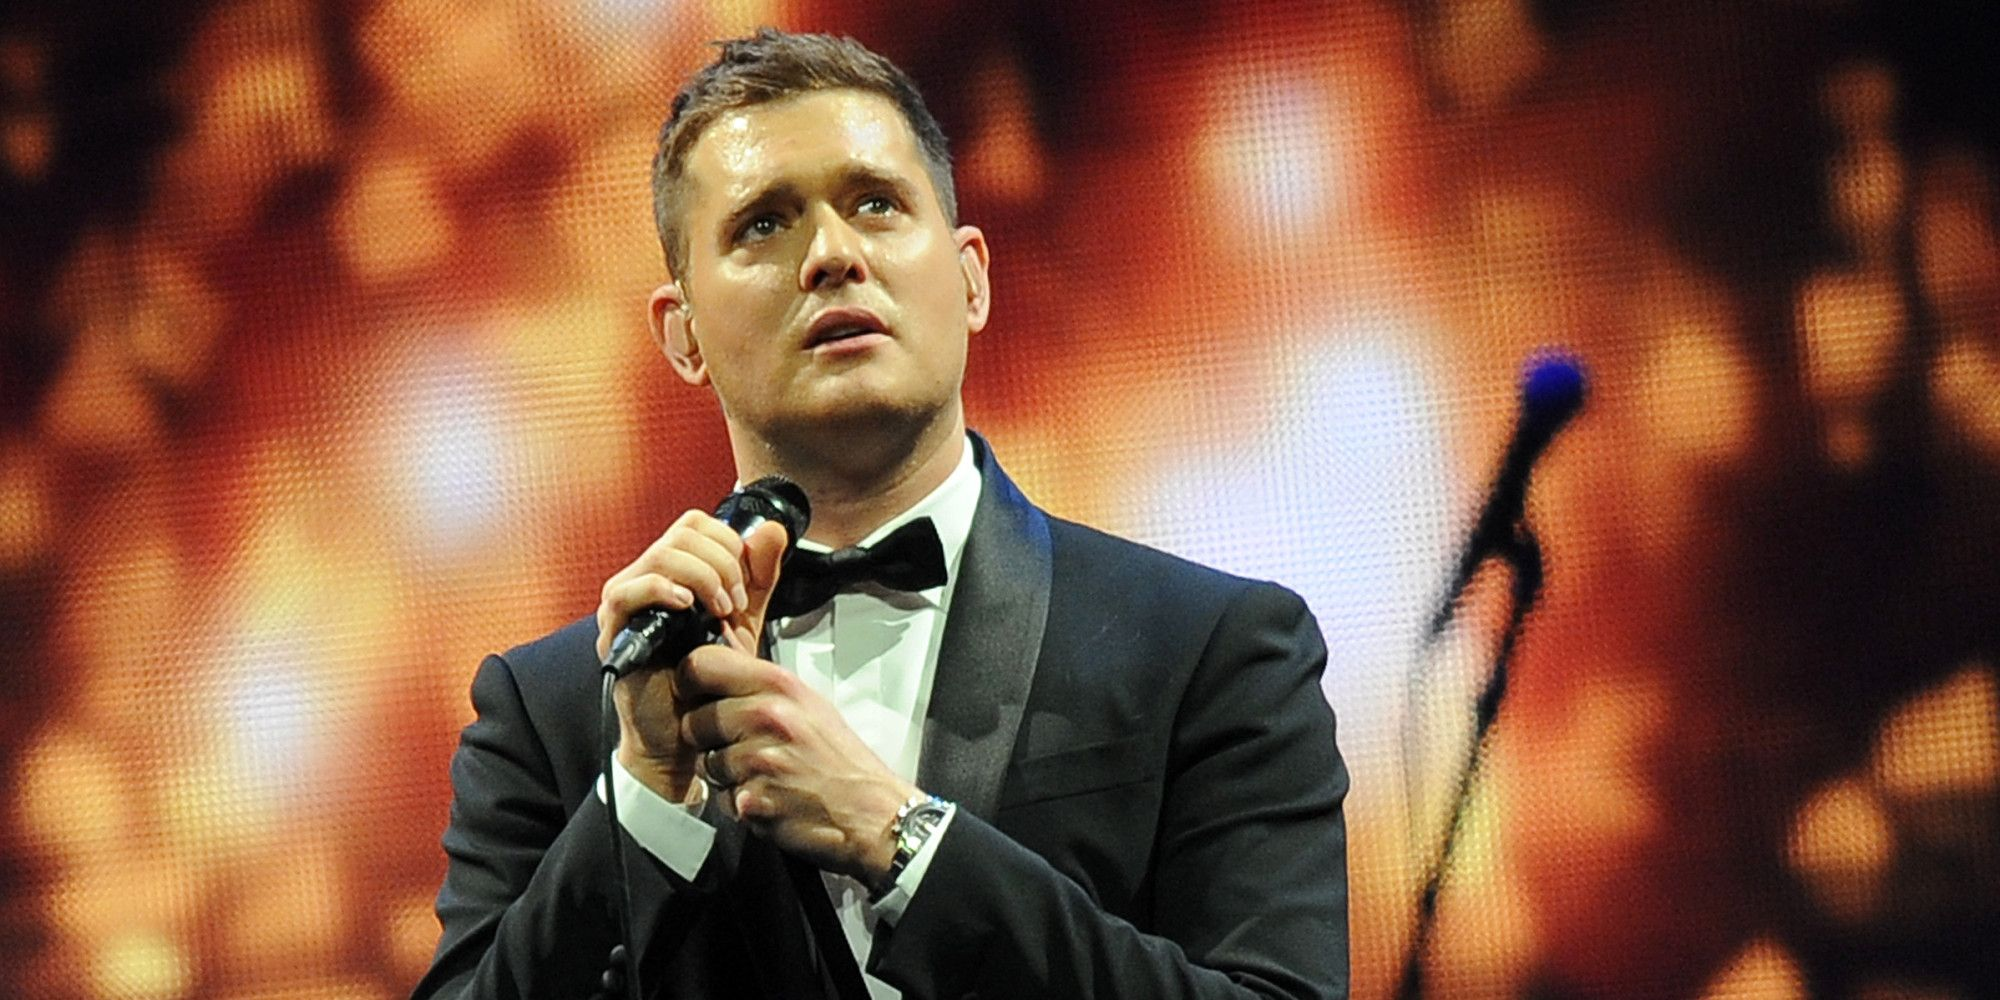 ¿Peligra su carrera? Michael Bublé será sometido a una cirugía de cuerdas vocales